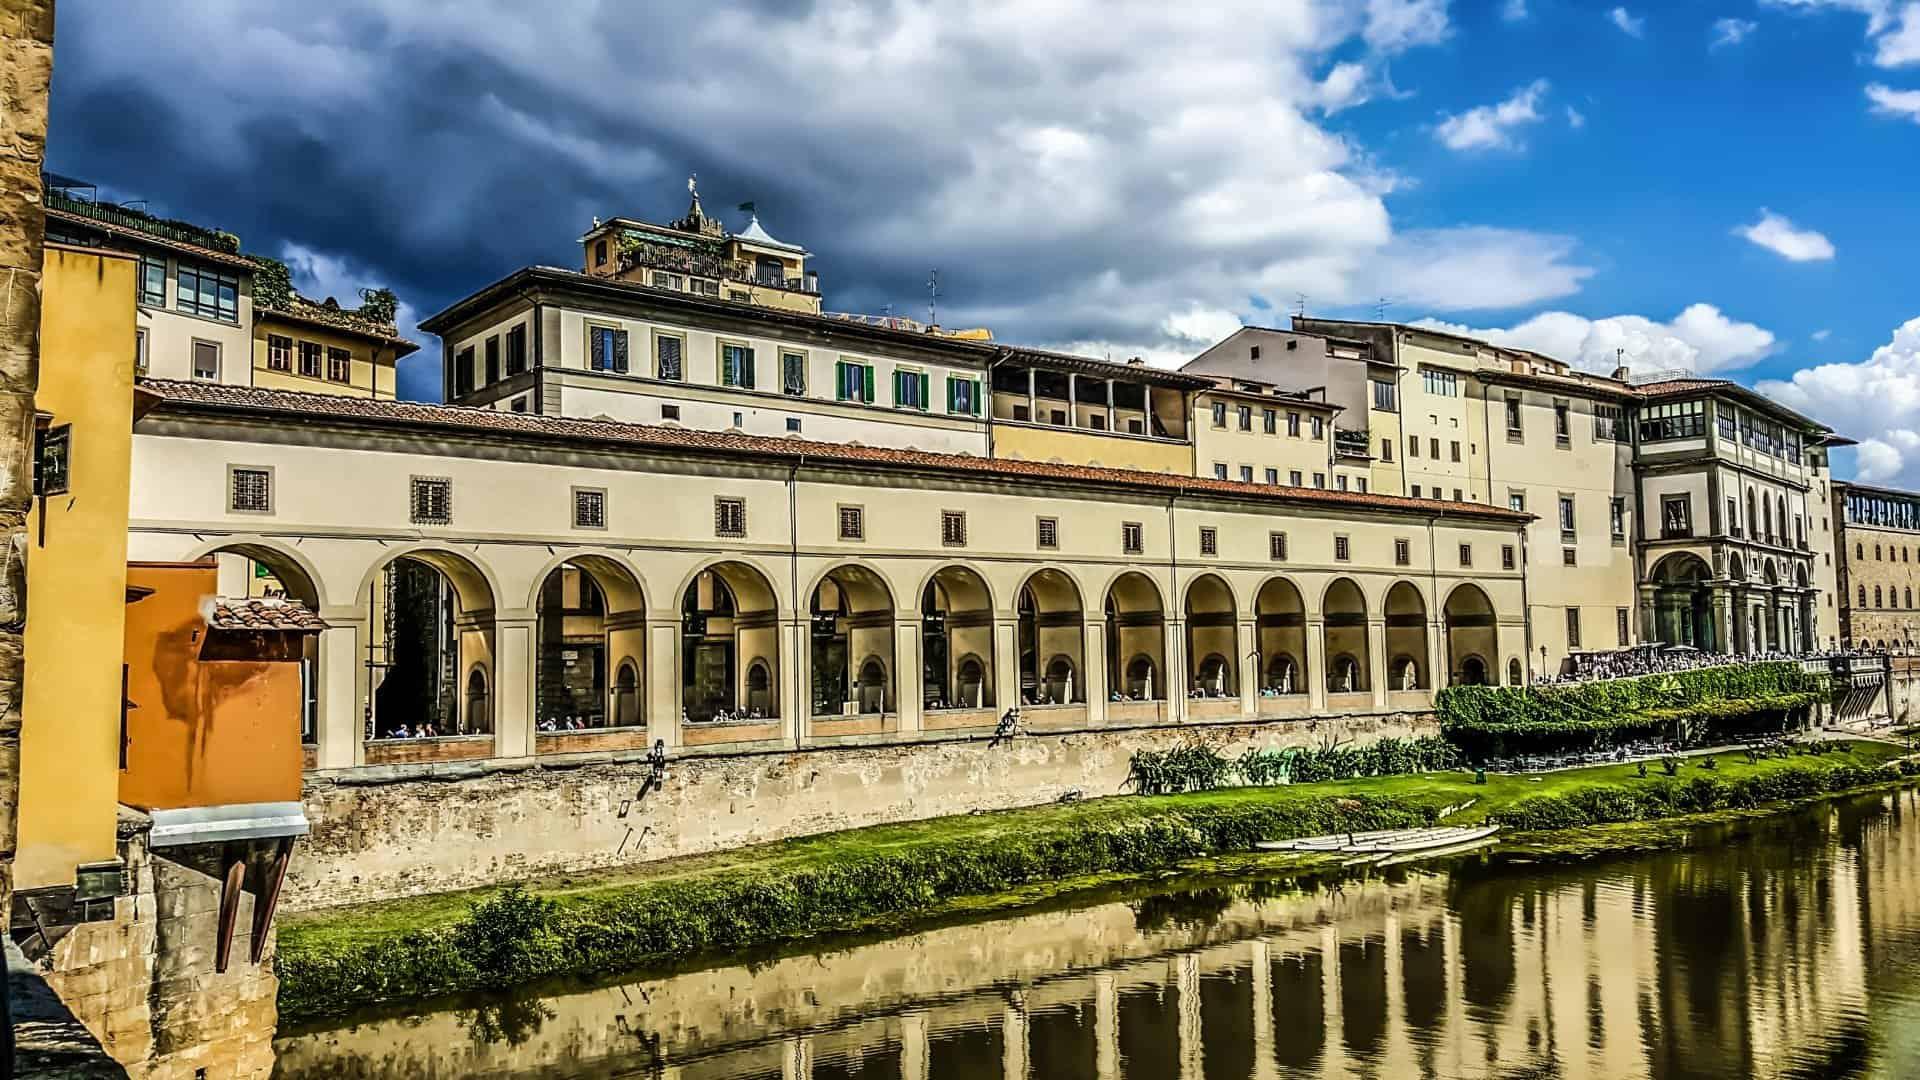 افضل 3 انشطة في متحف اوفيزي غاليري فلورنسا ايطاليا